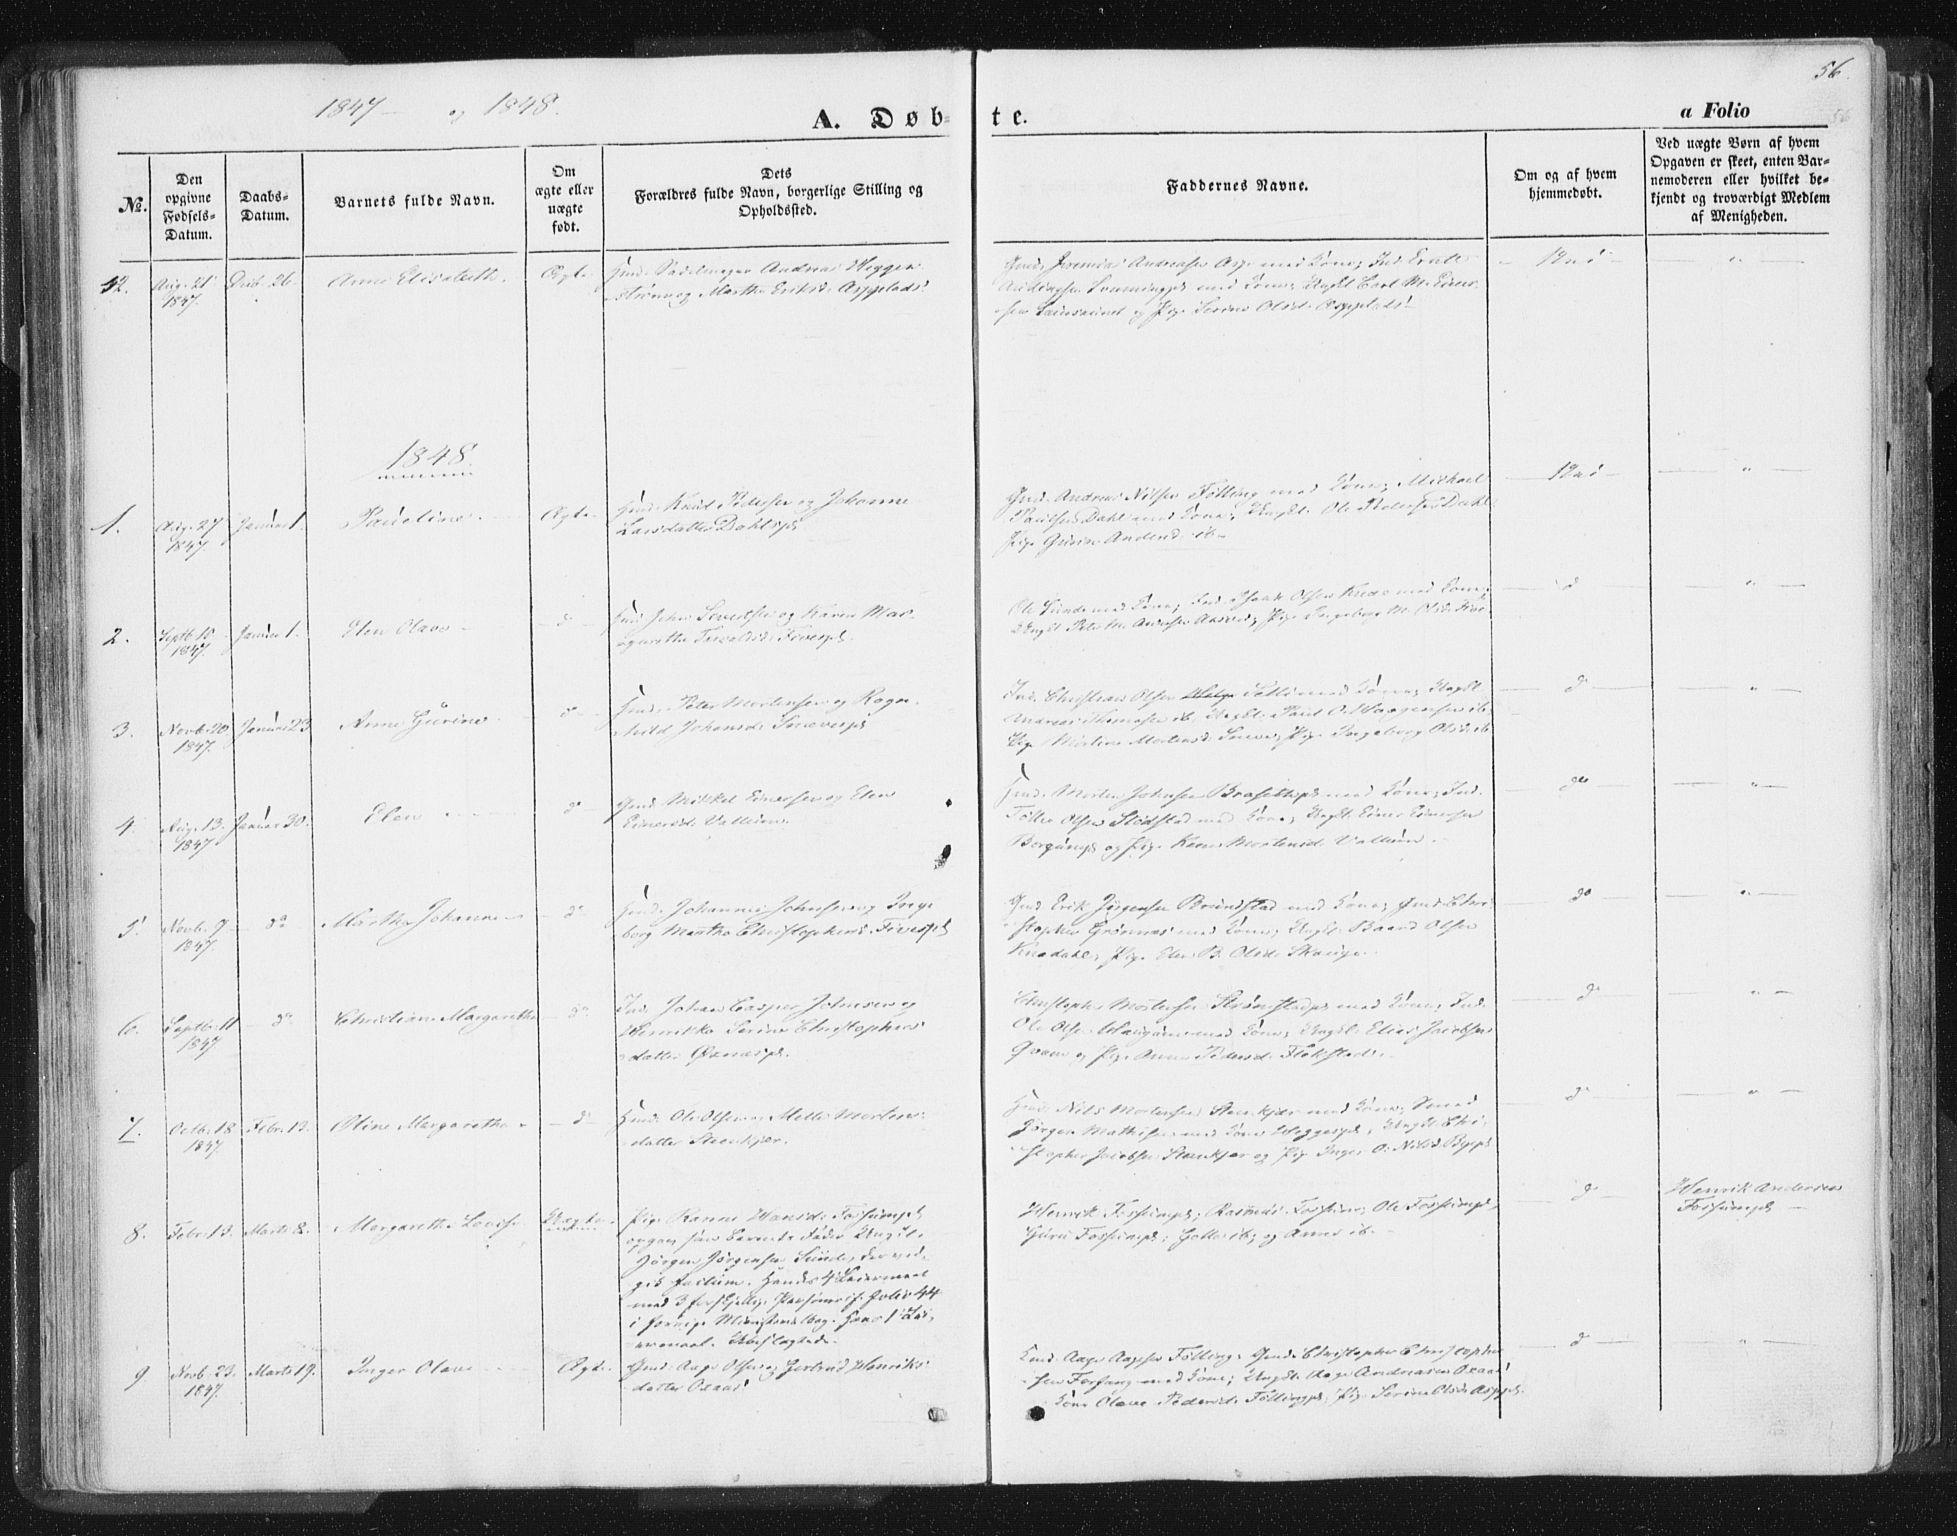 SAT, Ministerialprotokoller, klokkerbøker og fødselsregistre - Nord-Trøndelag, 746/L0446: Ministerialbok nr. 746A05, 1846-1859, s. 56